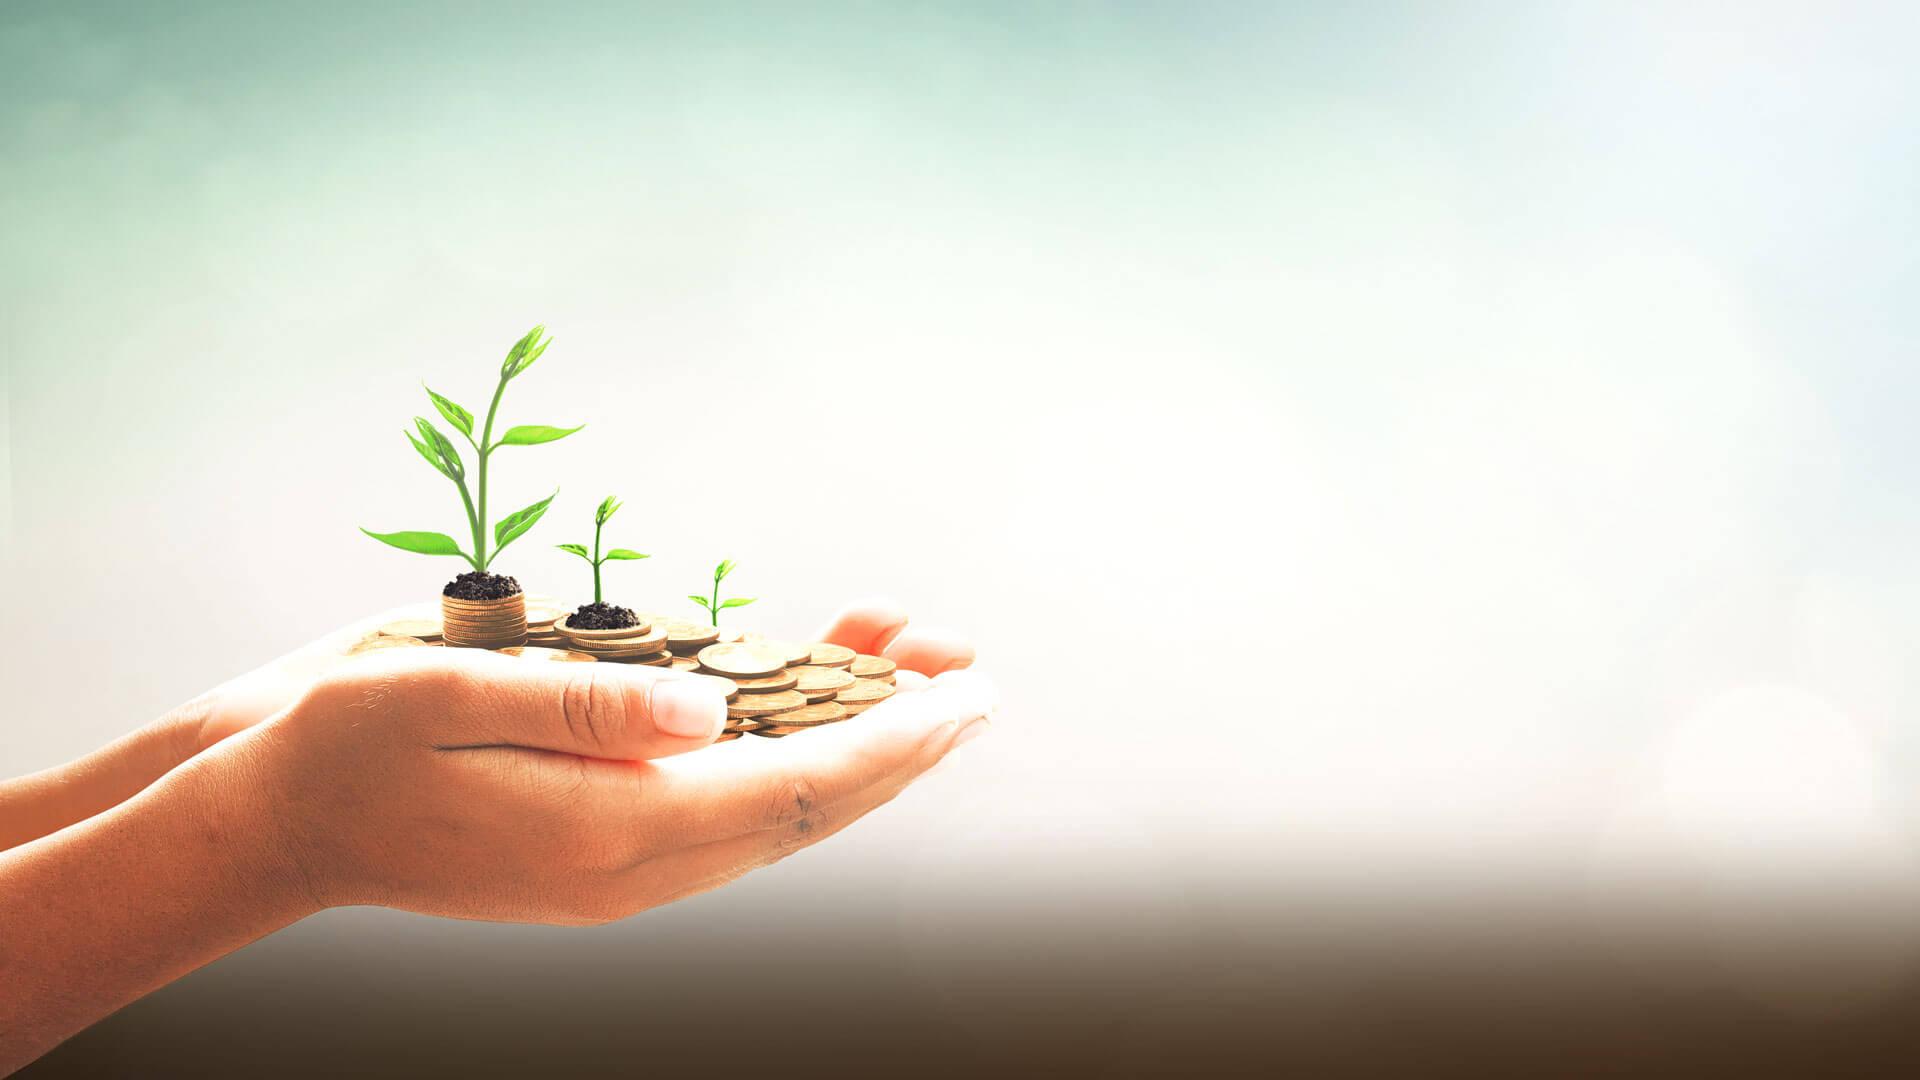 Fundcom Titelbild: Hand mit Geld in welchem Pflanzen wachsen